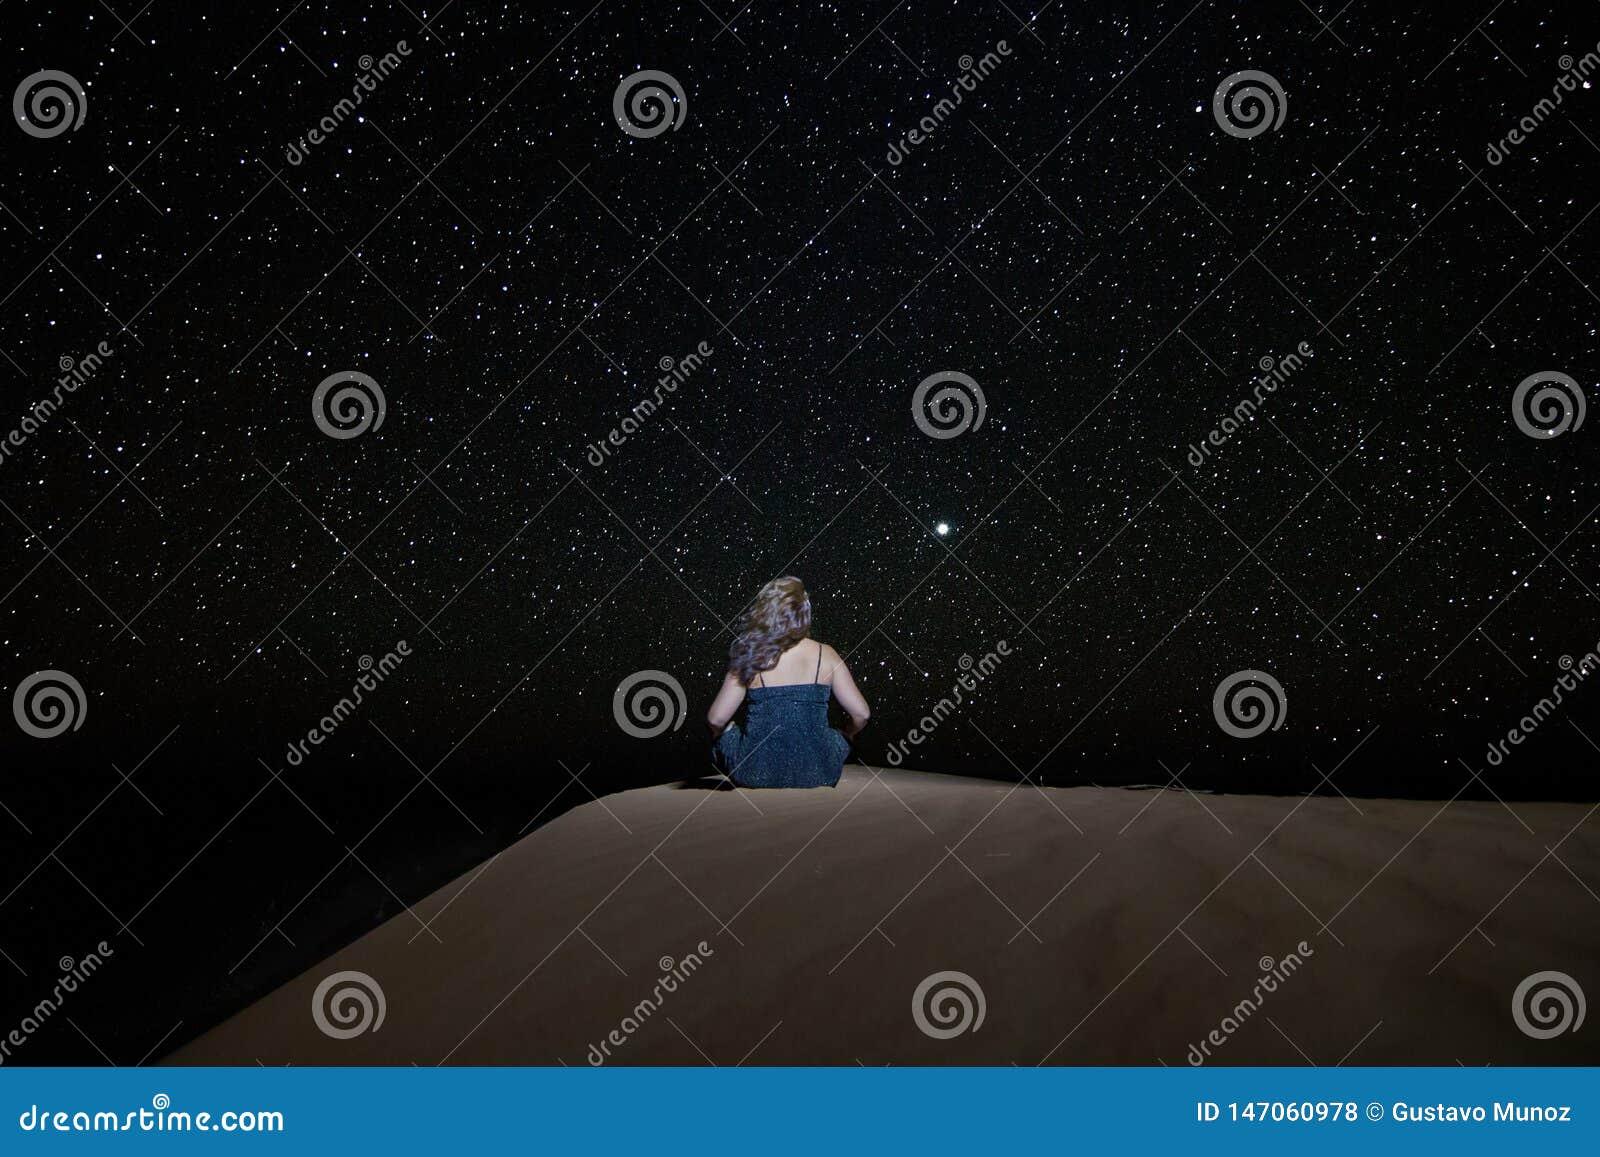 Kobieta siedzi gapić się przy gwiaździstym niebem w kierunku Wenus, na diunie w erga Chebbi pustyni